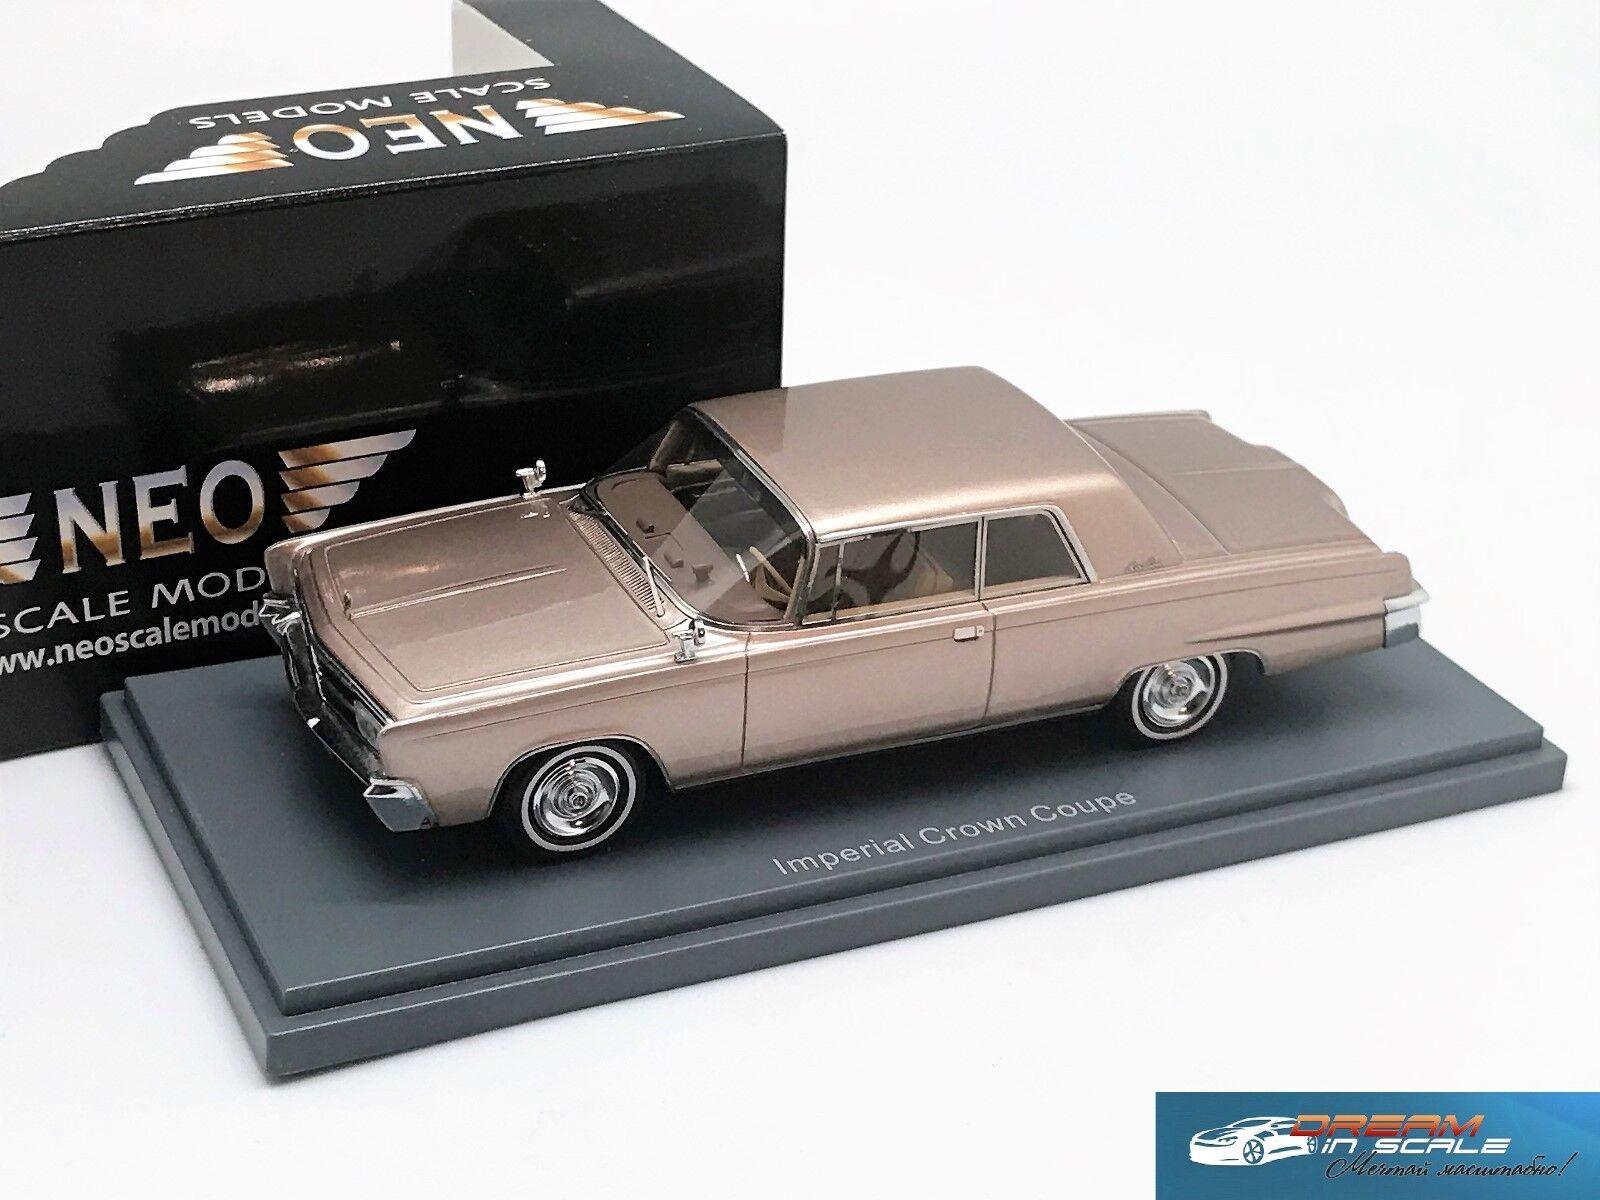 primera reputación de los clientes primero Imperial corona Corona de 2 2 2 puertas hardtop coupe Beige se reunió 1965 Neo 44695 1 43  mejor servicio